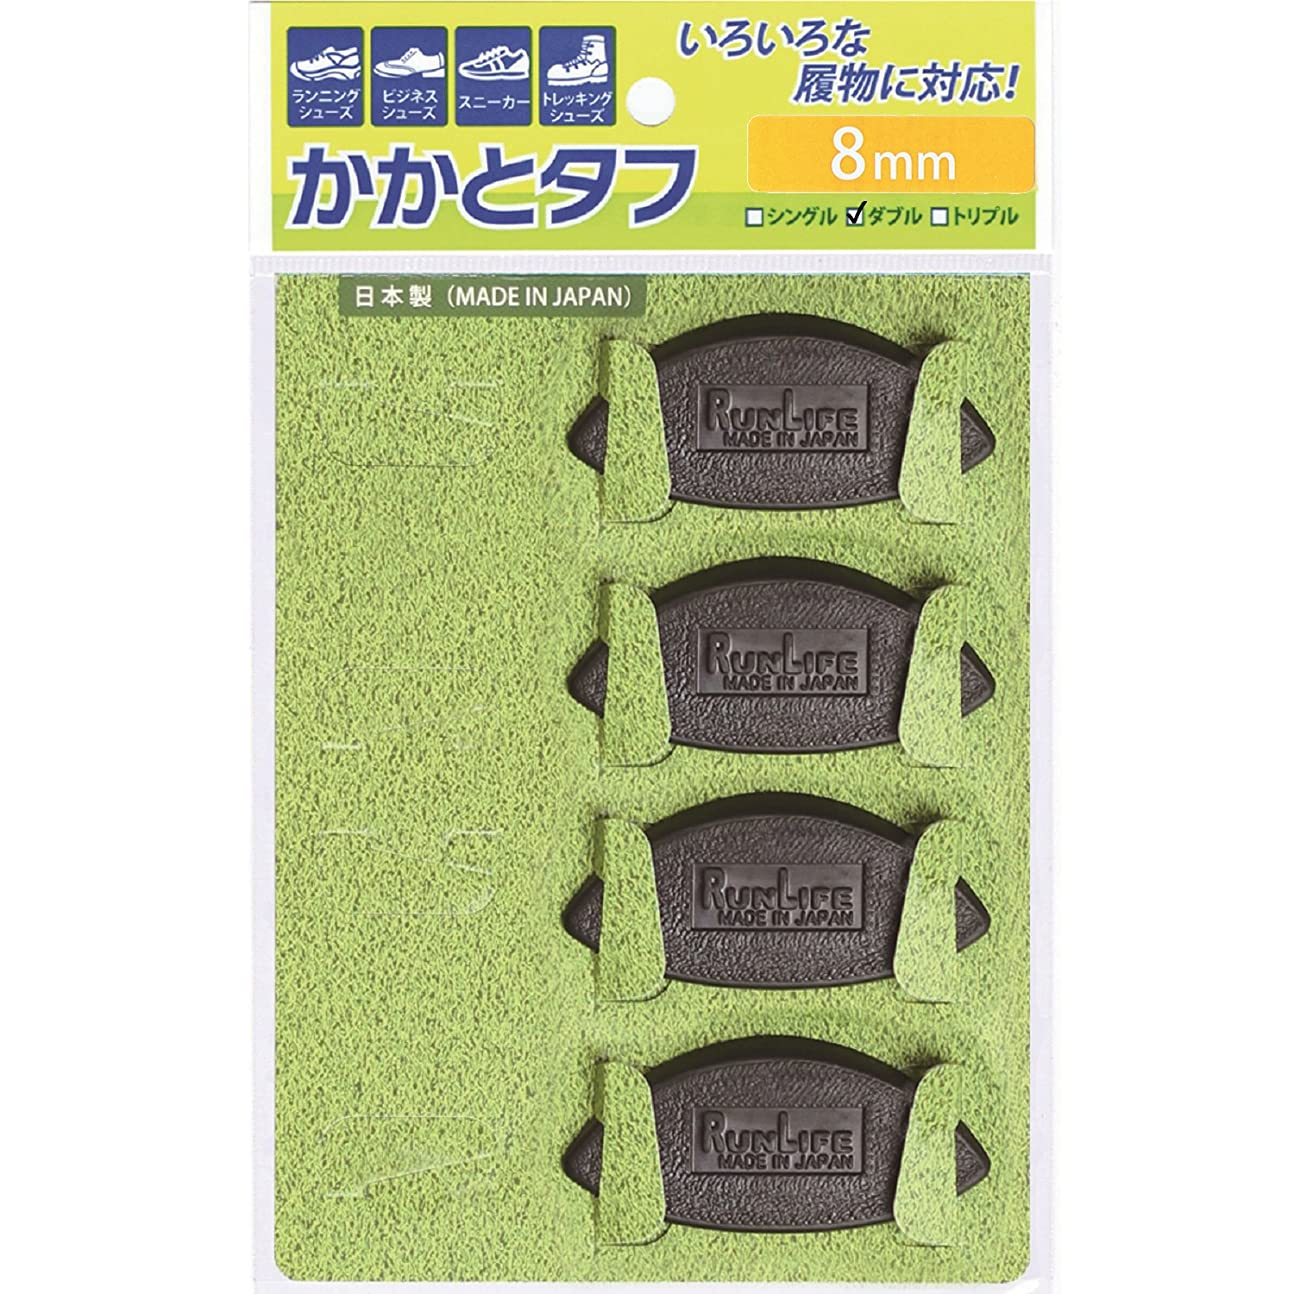 レキシコンくさび一流RunLife(ランライフ) 靴修理 シューズ補修材『 かかとタフ 』 8mm ダブル SKT-8M×4